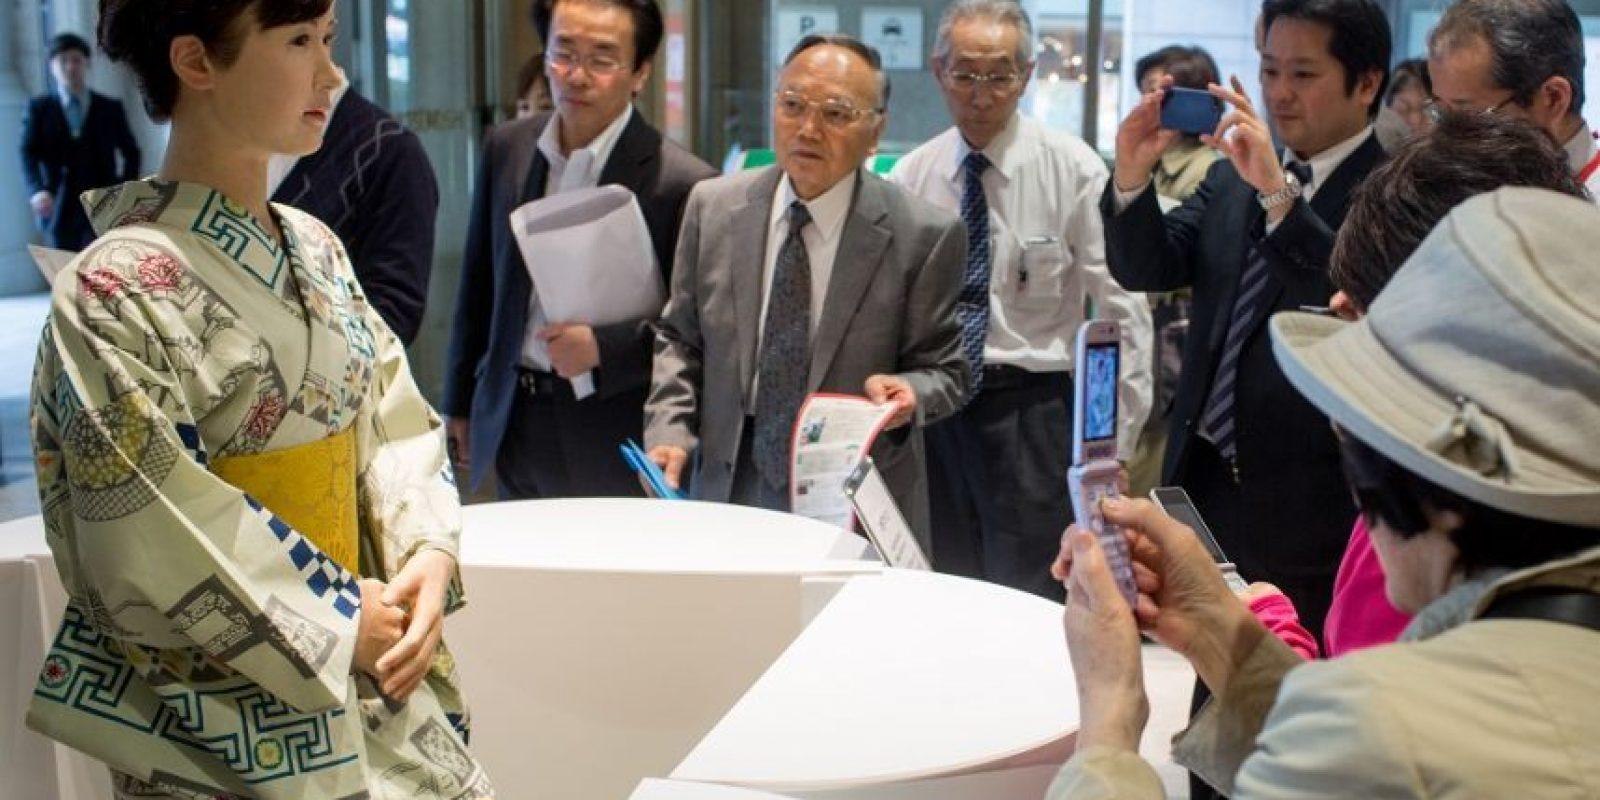 """1- Receptionista. La robot """"Aiko Chihira"""" ya fue """"contratada"""" para un puesto de recepcionista en la tienda Mitsukoshi en Tokio, Japón. La huma-noide femenina, vestida con kimono tradicional del país, fue creada por Toshiba Corp. Chihira ahora está ayudando a los compradores, proporcionando instrucciones e información necesaria. Foto:Fuente externa"""